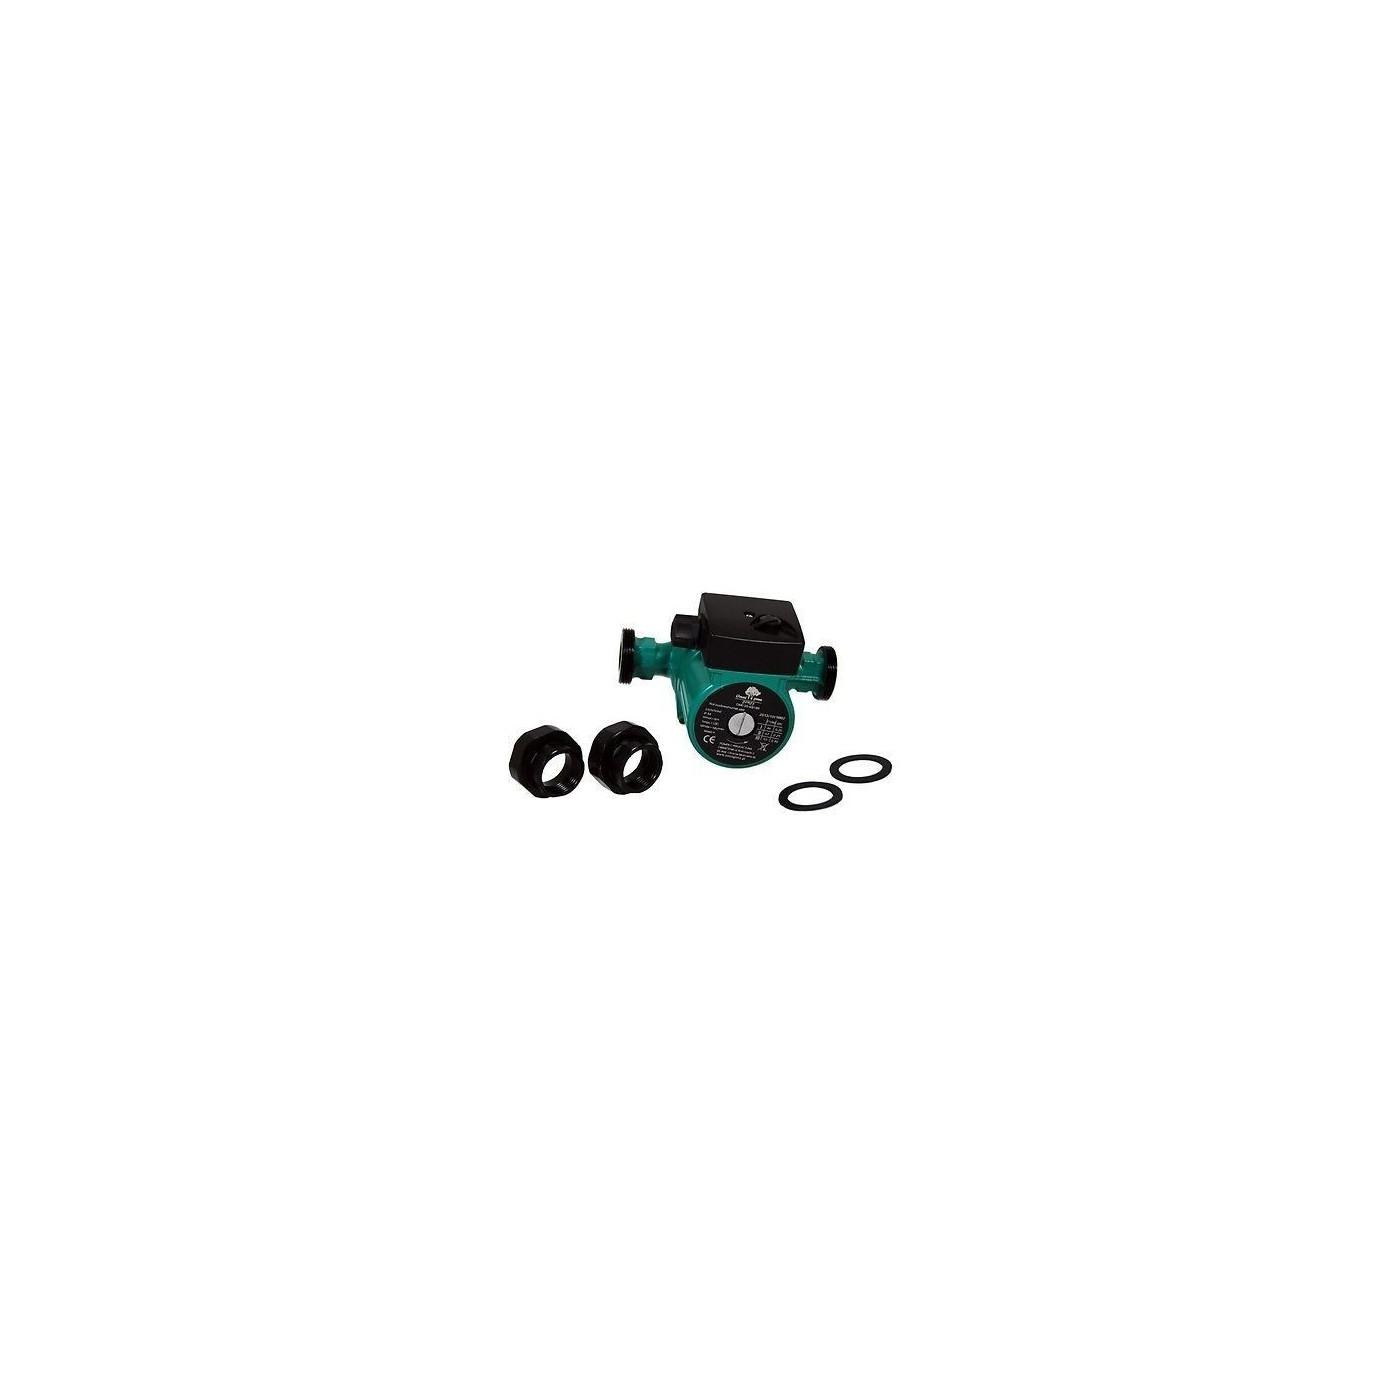 Umwälzpumpe 25-80 180 230V Heizungspumpe mit Verschraubungen